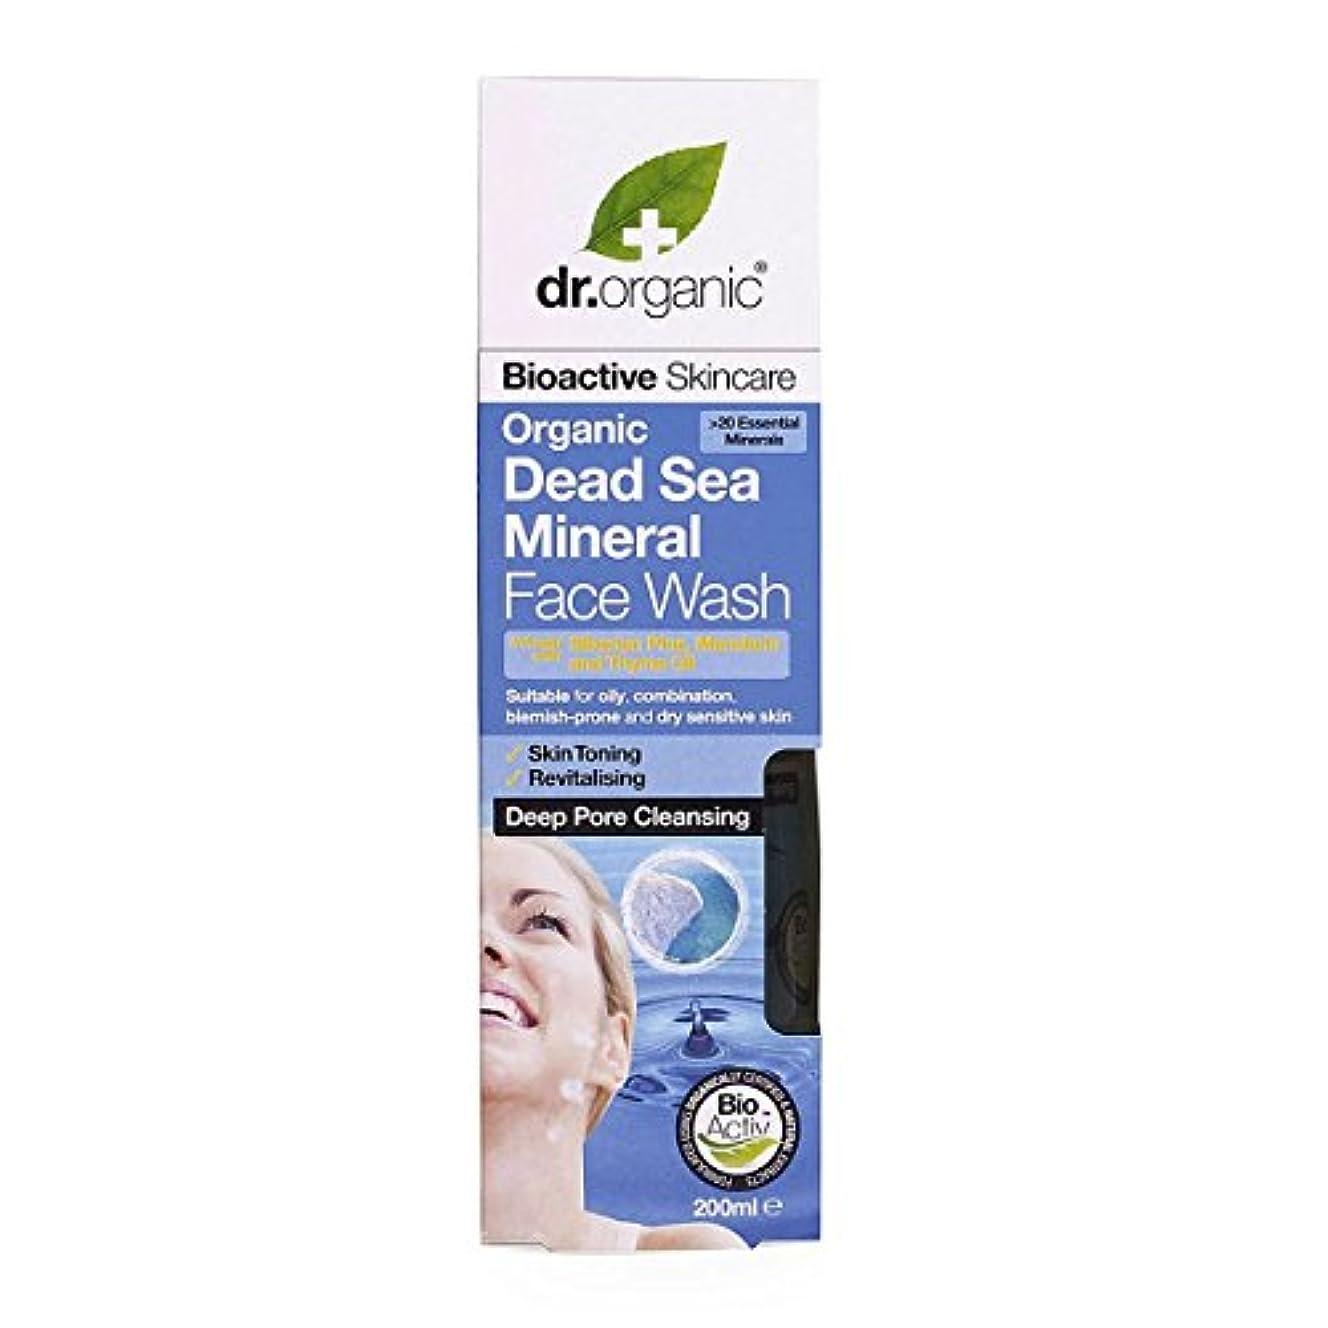 剥ぎ取る資本主義注釈Dr.organic Dead Sea Mineral Face Wash 200ml [並行輸入品]